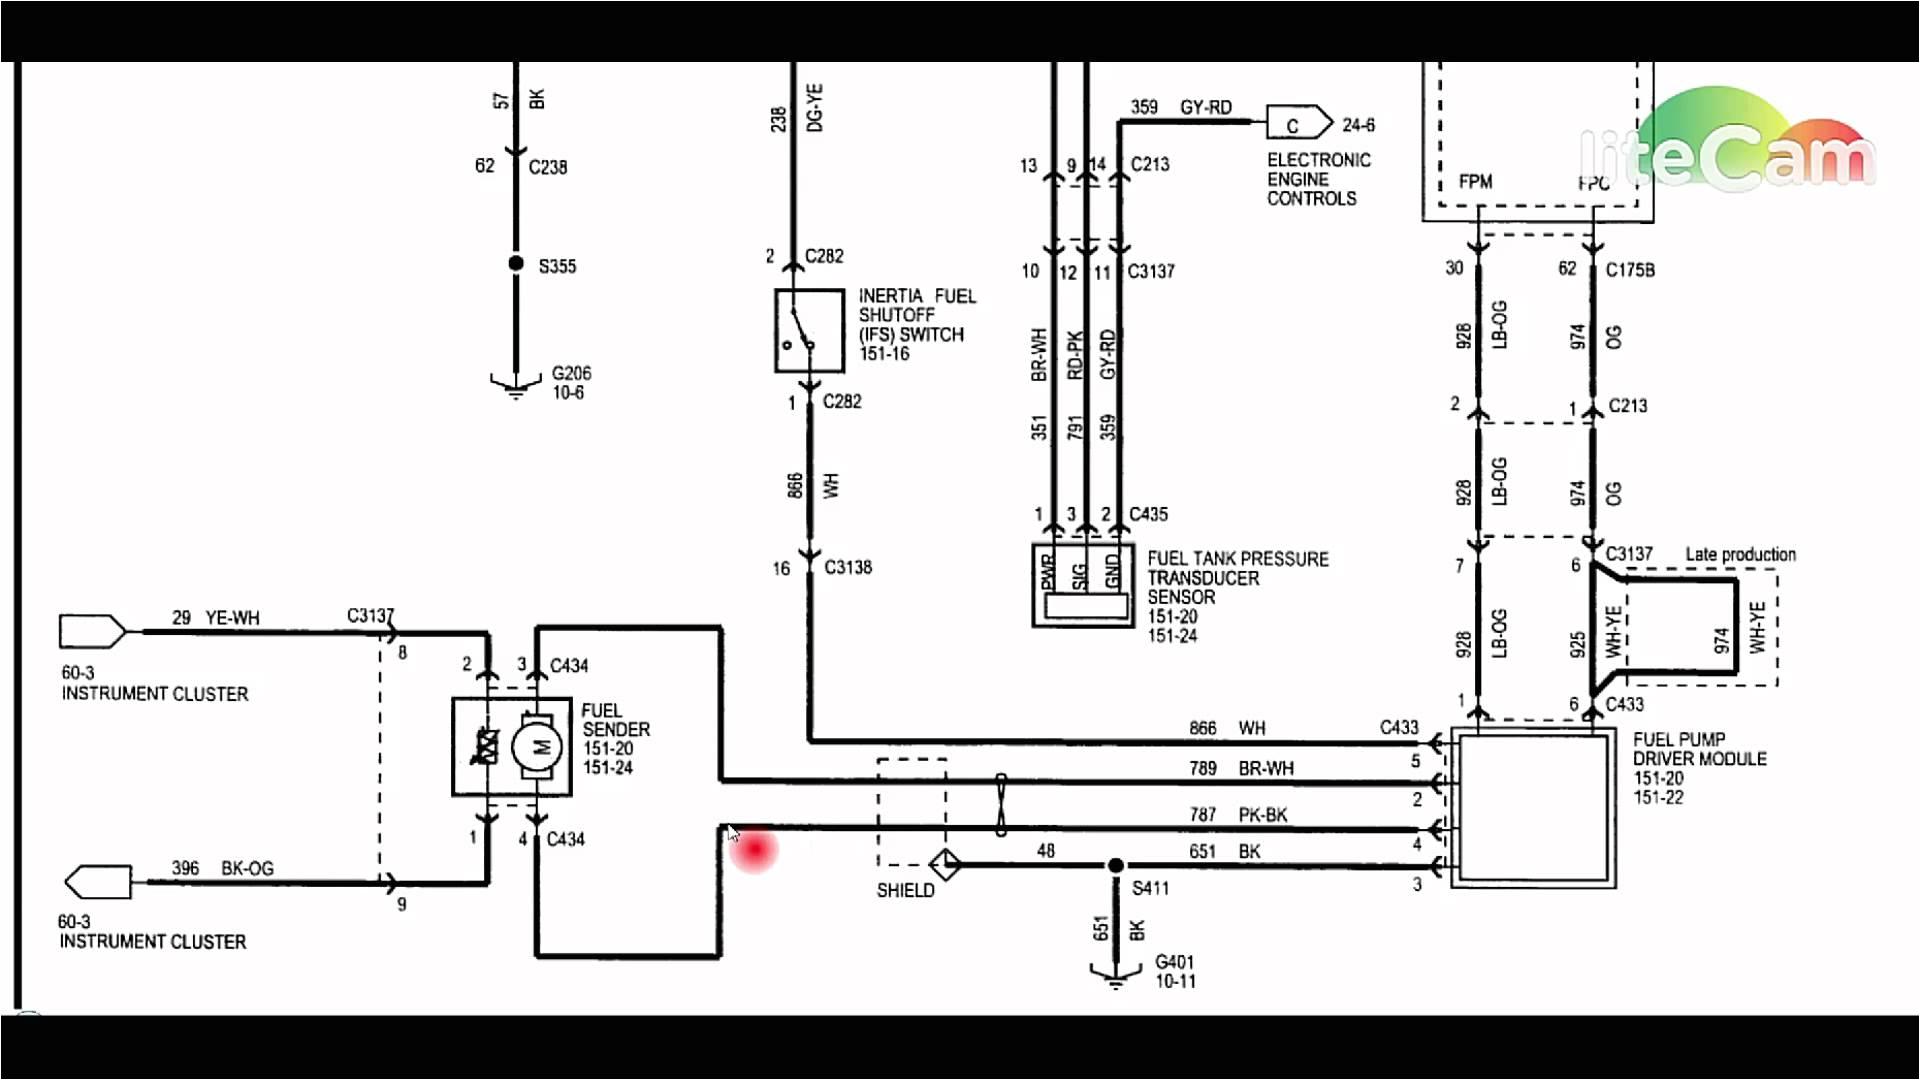 2005 ford f550 wiring diagram wiring diagram 2005 ford f550 radio wiring diagram 2005 ford f150